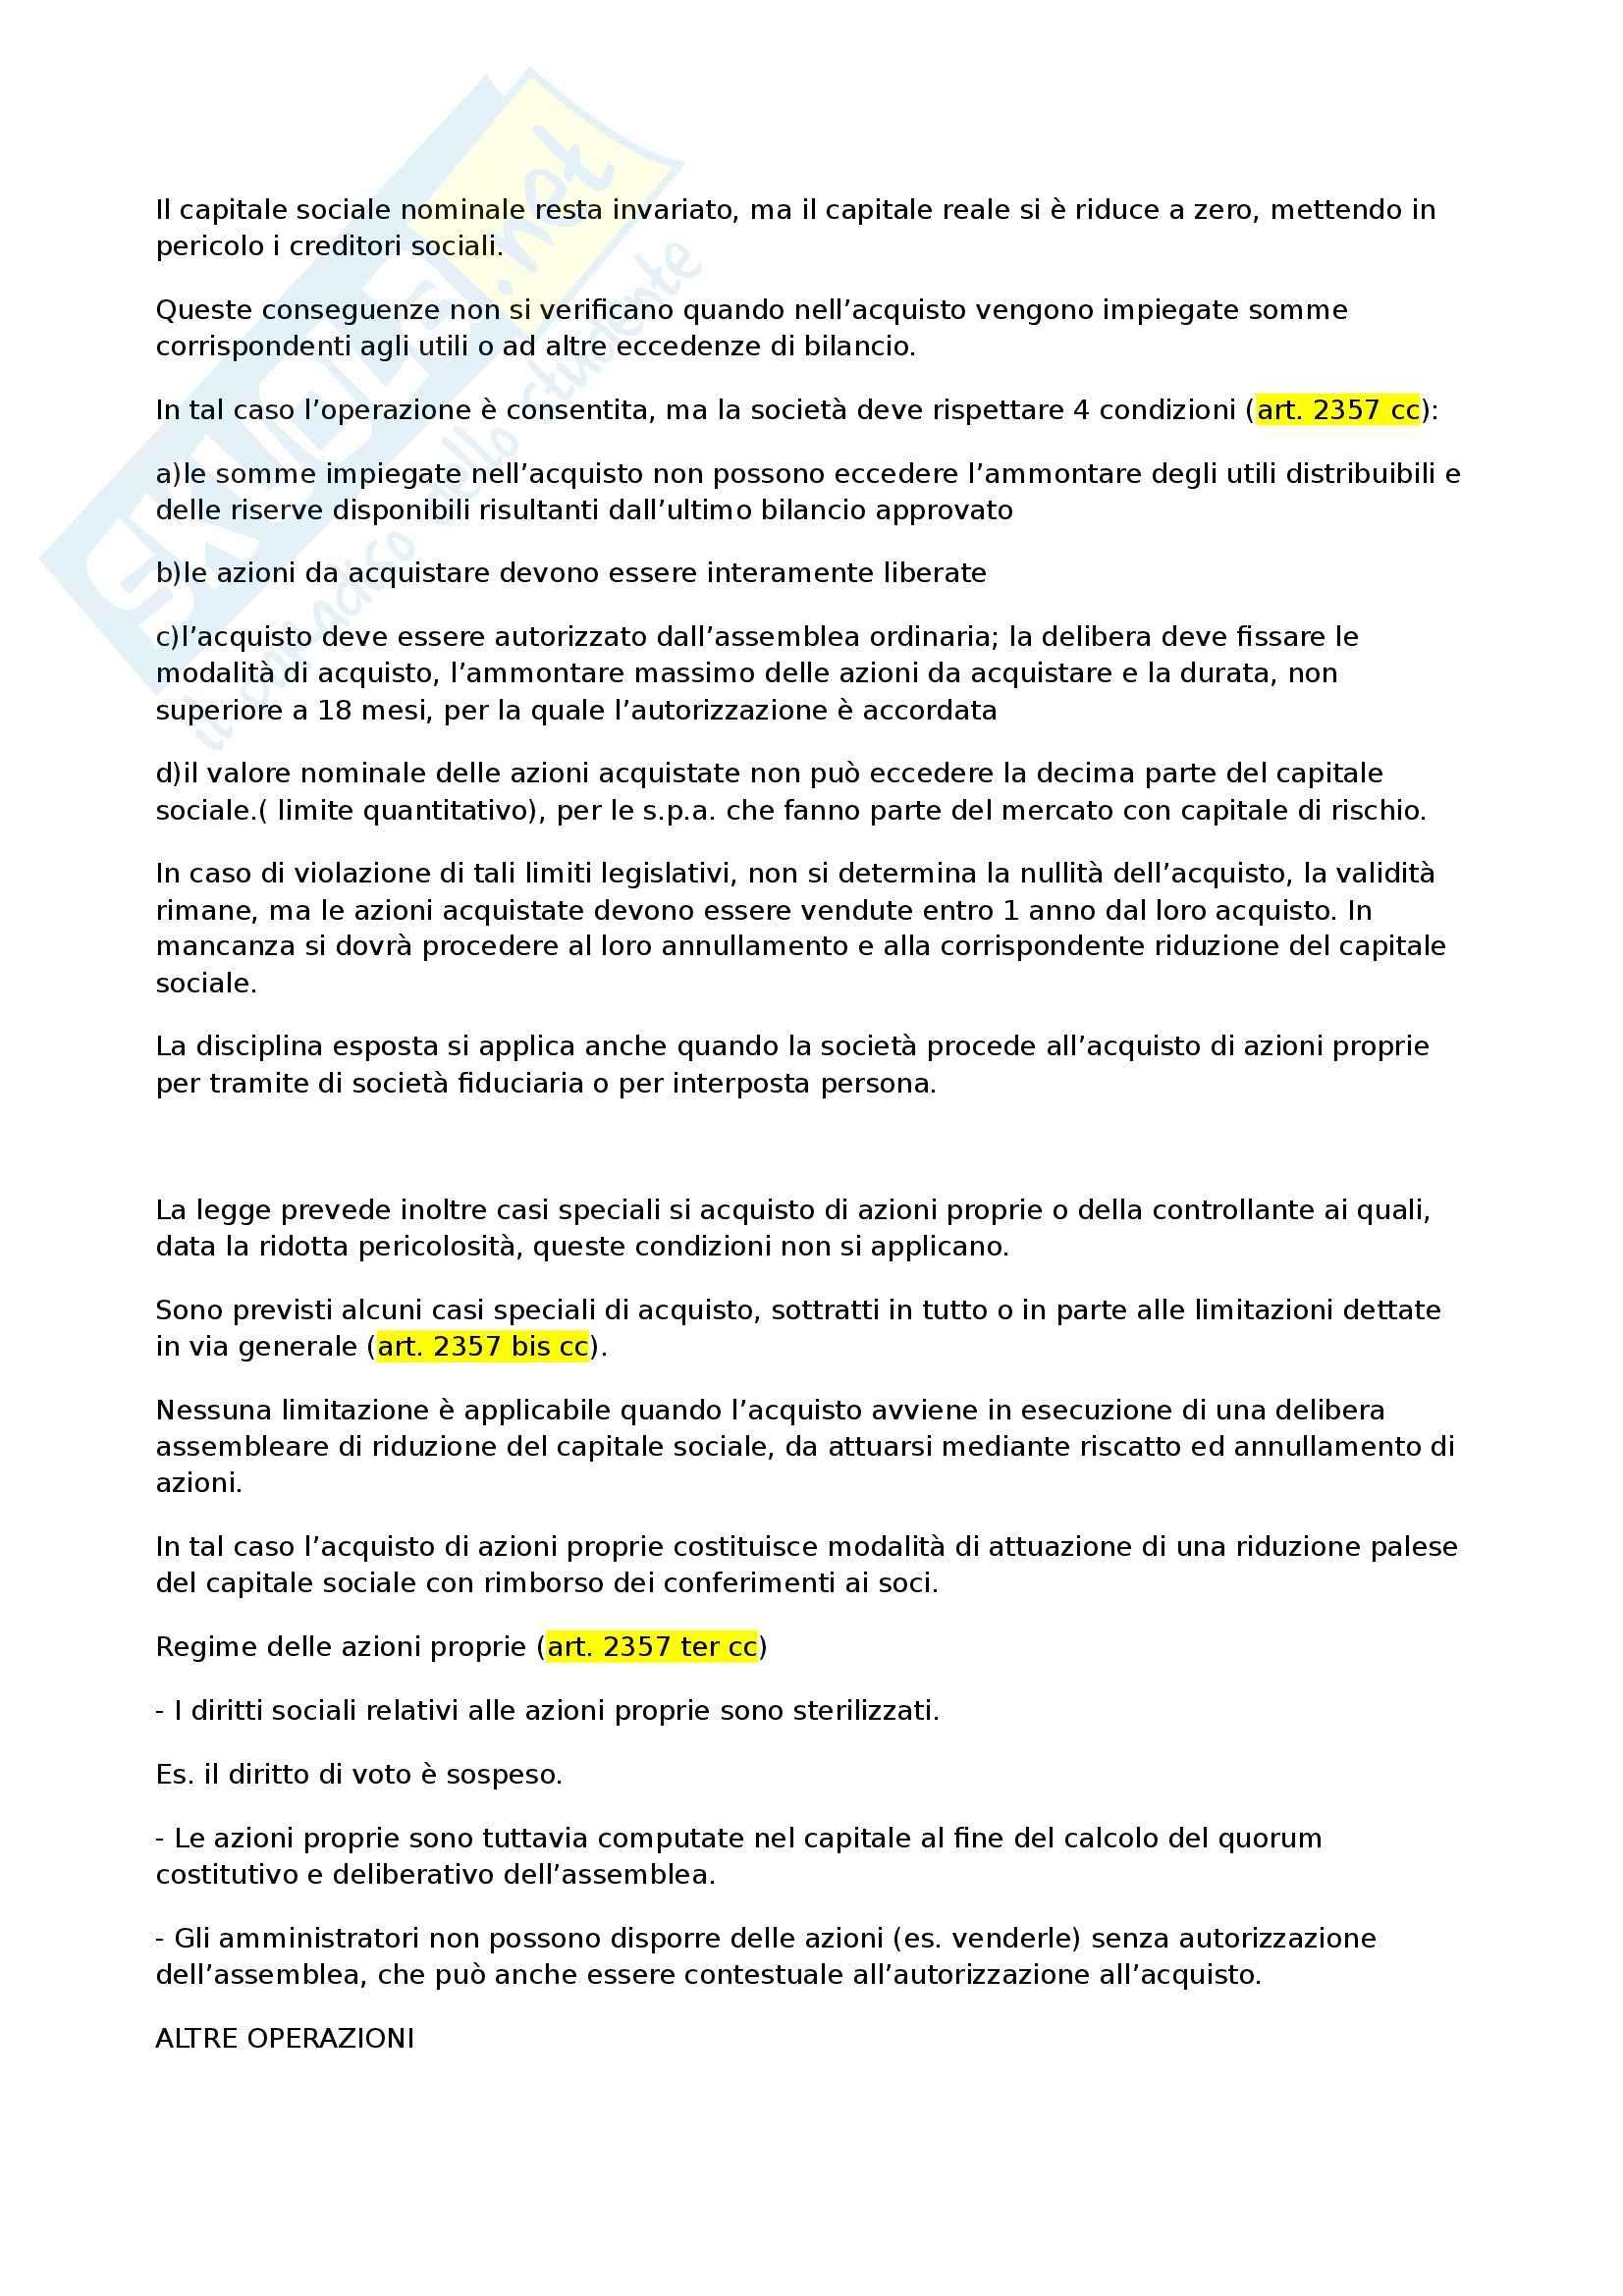 Diritto commerciale - le operazioni della società sulle proprie azioni Pag. 2